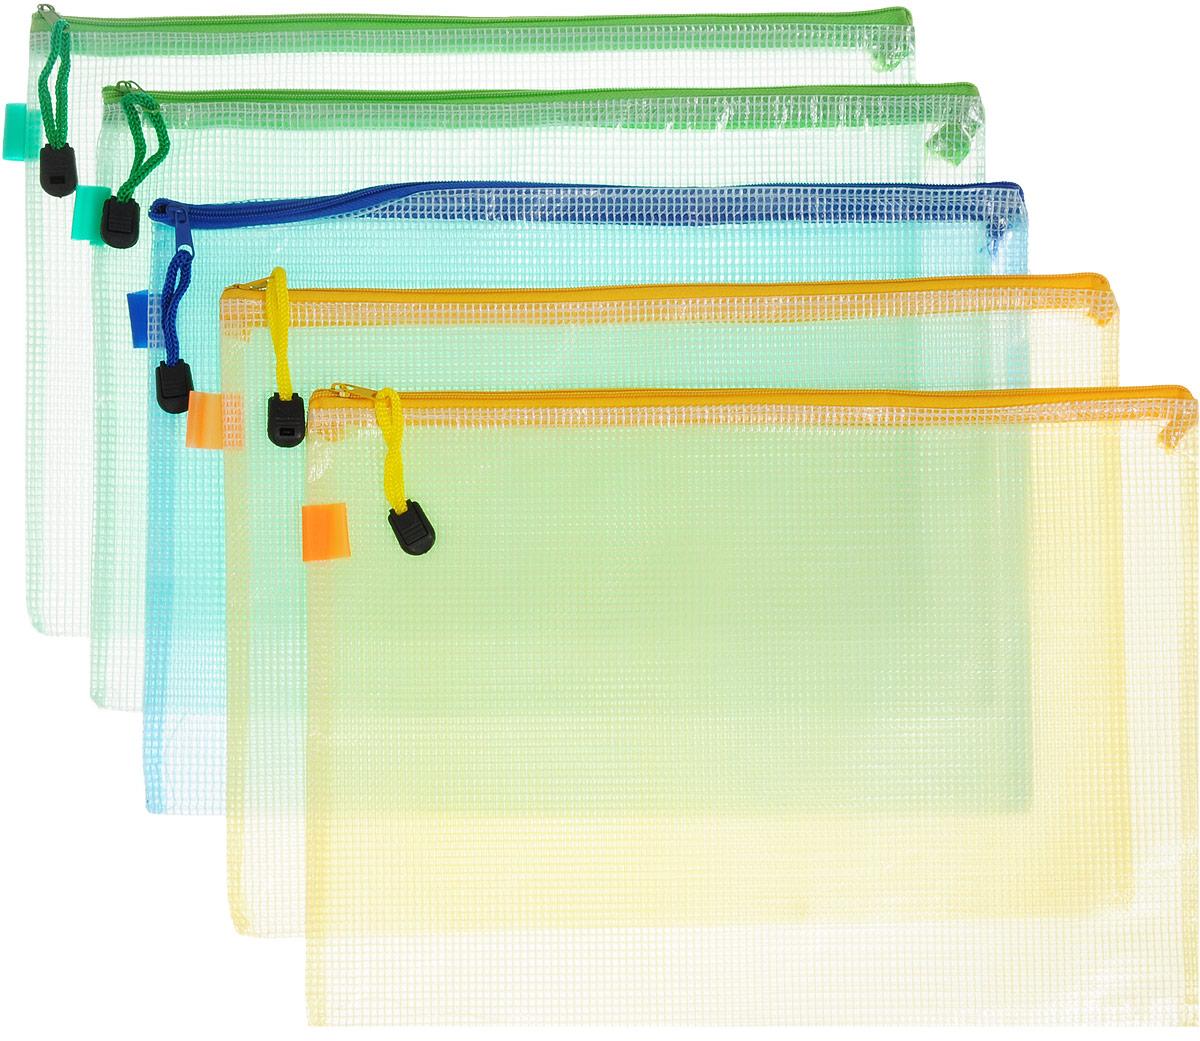 Centrum Папка на молнии цвет зеленый желтый голубой 5 шт80033_зеленый, желтый, голубойОригинальная папка Centrum - это удобный и функциональный инструмент, который идеально подойдет для хранения различных бумаг и документов формата А4, а также письменных принадлежностей. Папка изготовлена из прочного полупрозрачного пластика и надежно закрывается на застежку-молнию. Бегунок на застежке-молнии снабжен петлей со стоппером. Комплект включает в себя 5 папок. Такая папка практична в использовании и надежно сохранит ваши бумаги, сбережет их от повреждений, пыли и влаги.